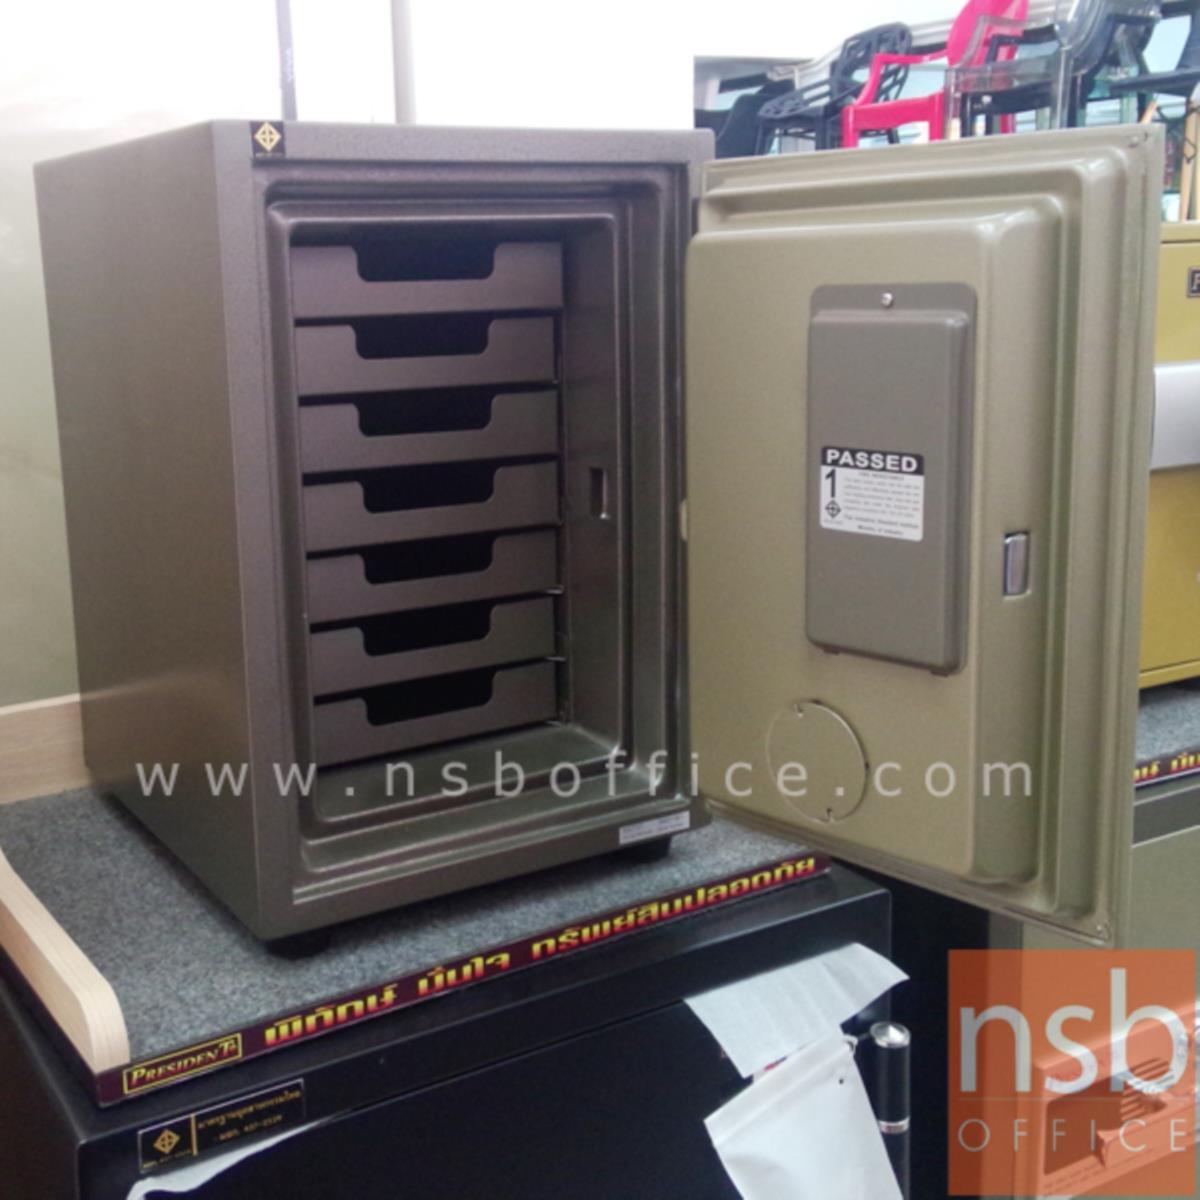 ตู้เซฟดิจิตอล 50 กก. มีถาด 7 อัน รุ่น PRESIDENT-SS2TD มี 1 กุญแจ 1 รหัส (รหัสใช้กดหน้าตู้)